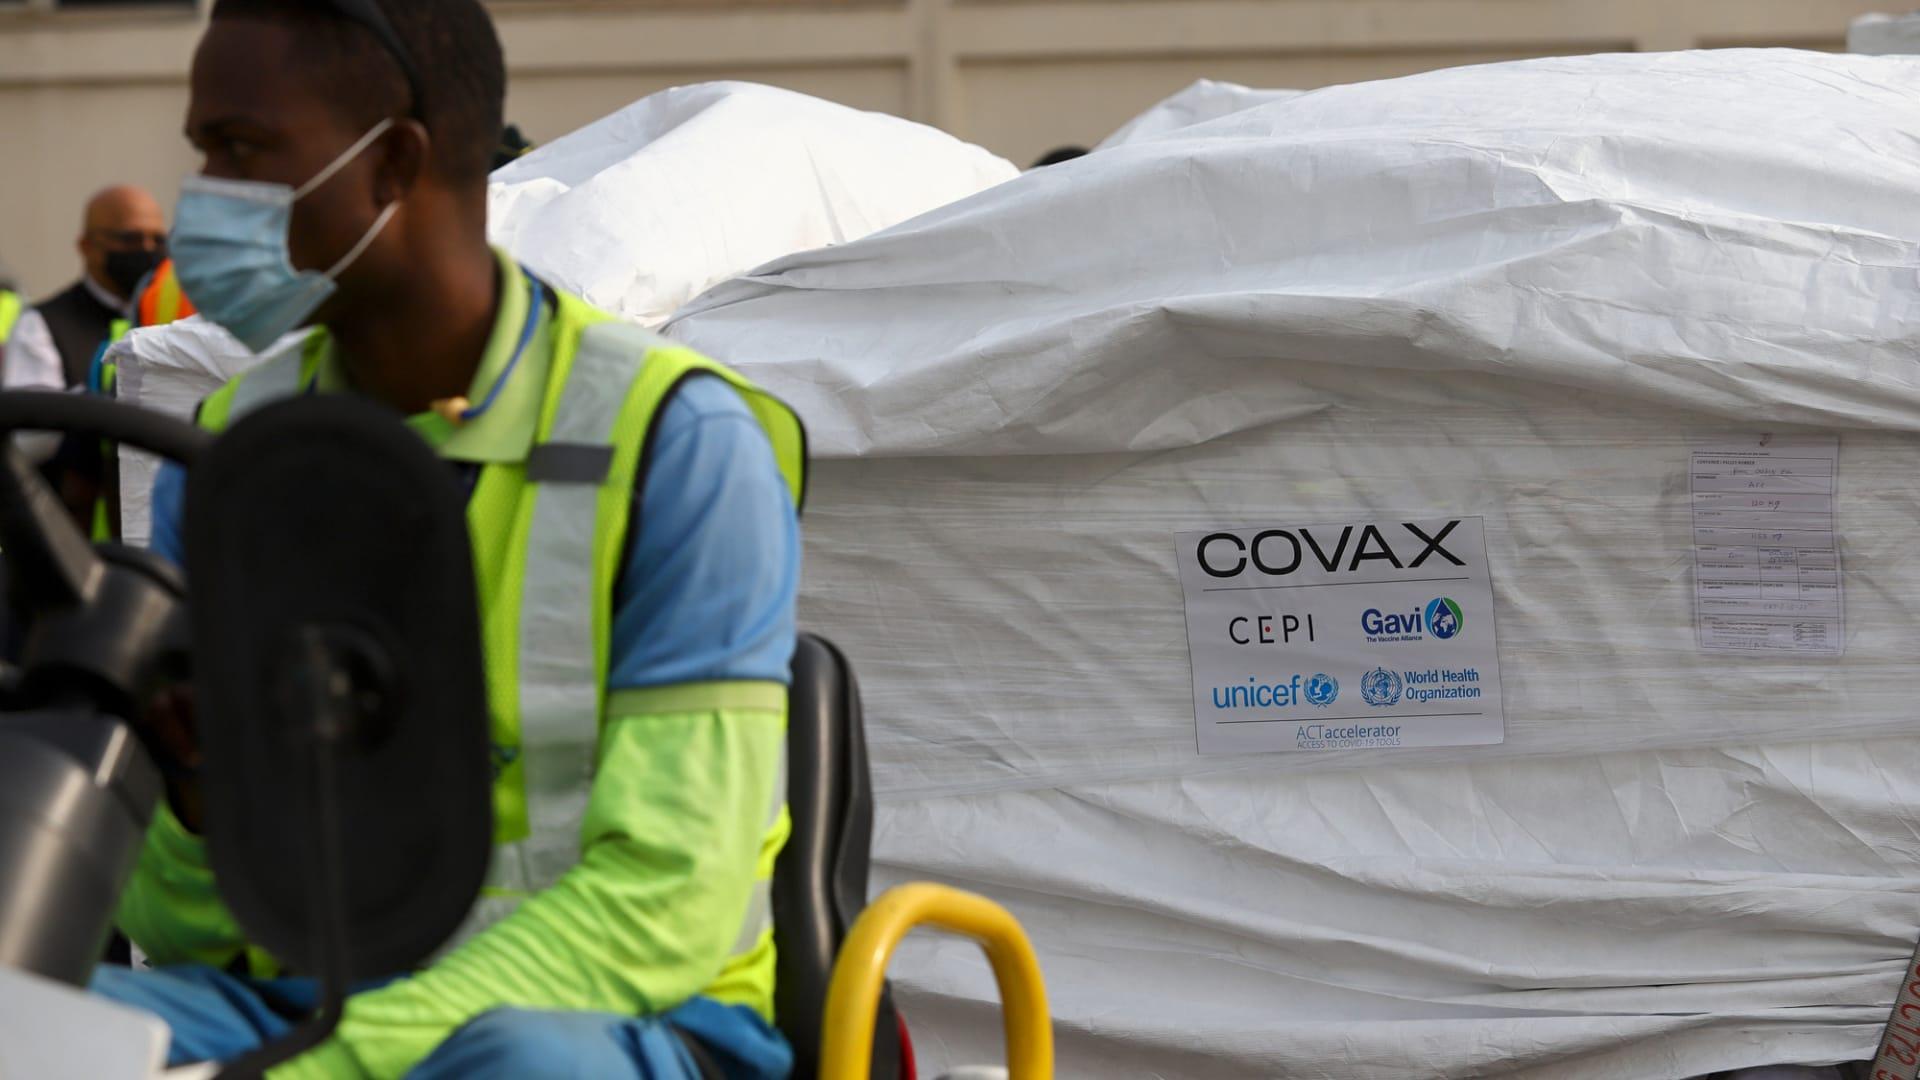 """برنامج """"كوفاكس"""" يوصل 20 مليون جرعة من لقاحات كورونا للدول الفقيرة بالأسبوع الأول من التوزيع"""